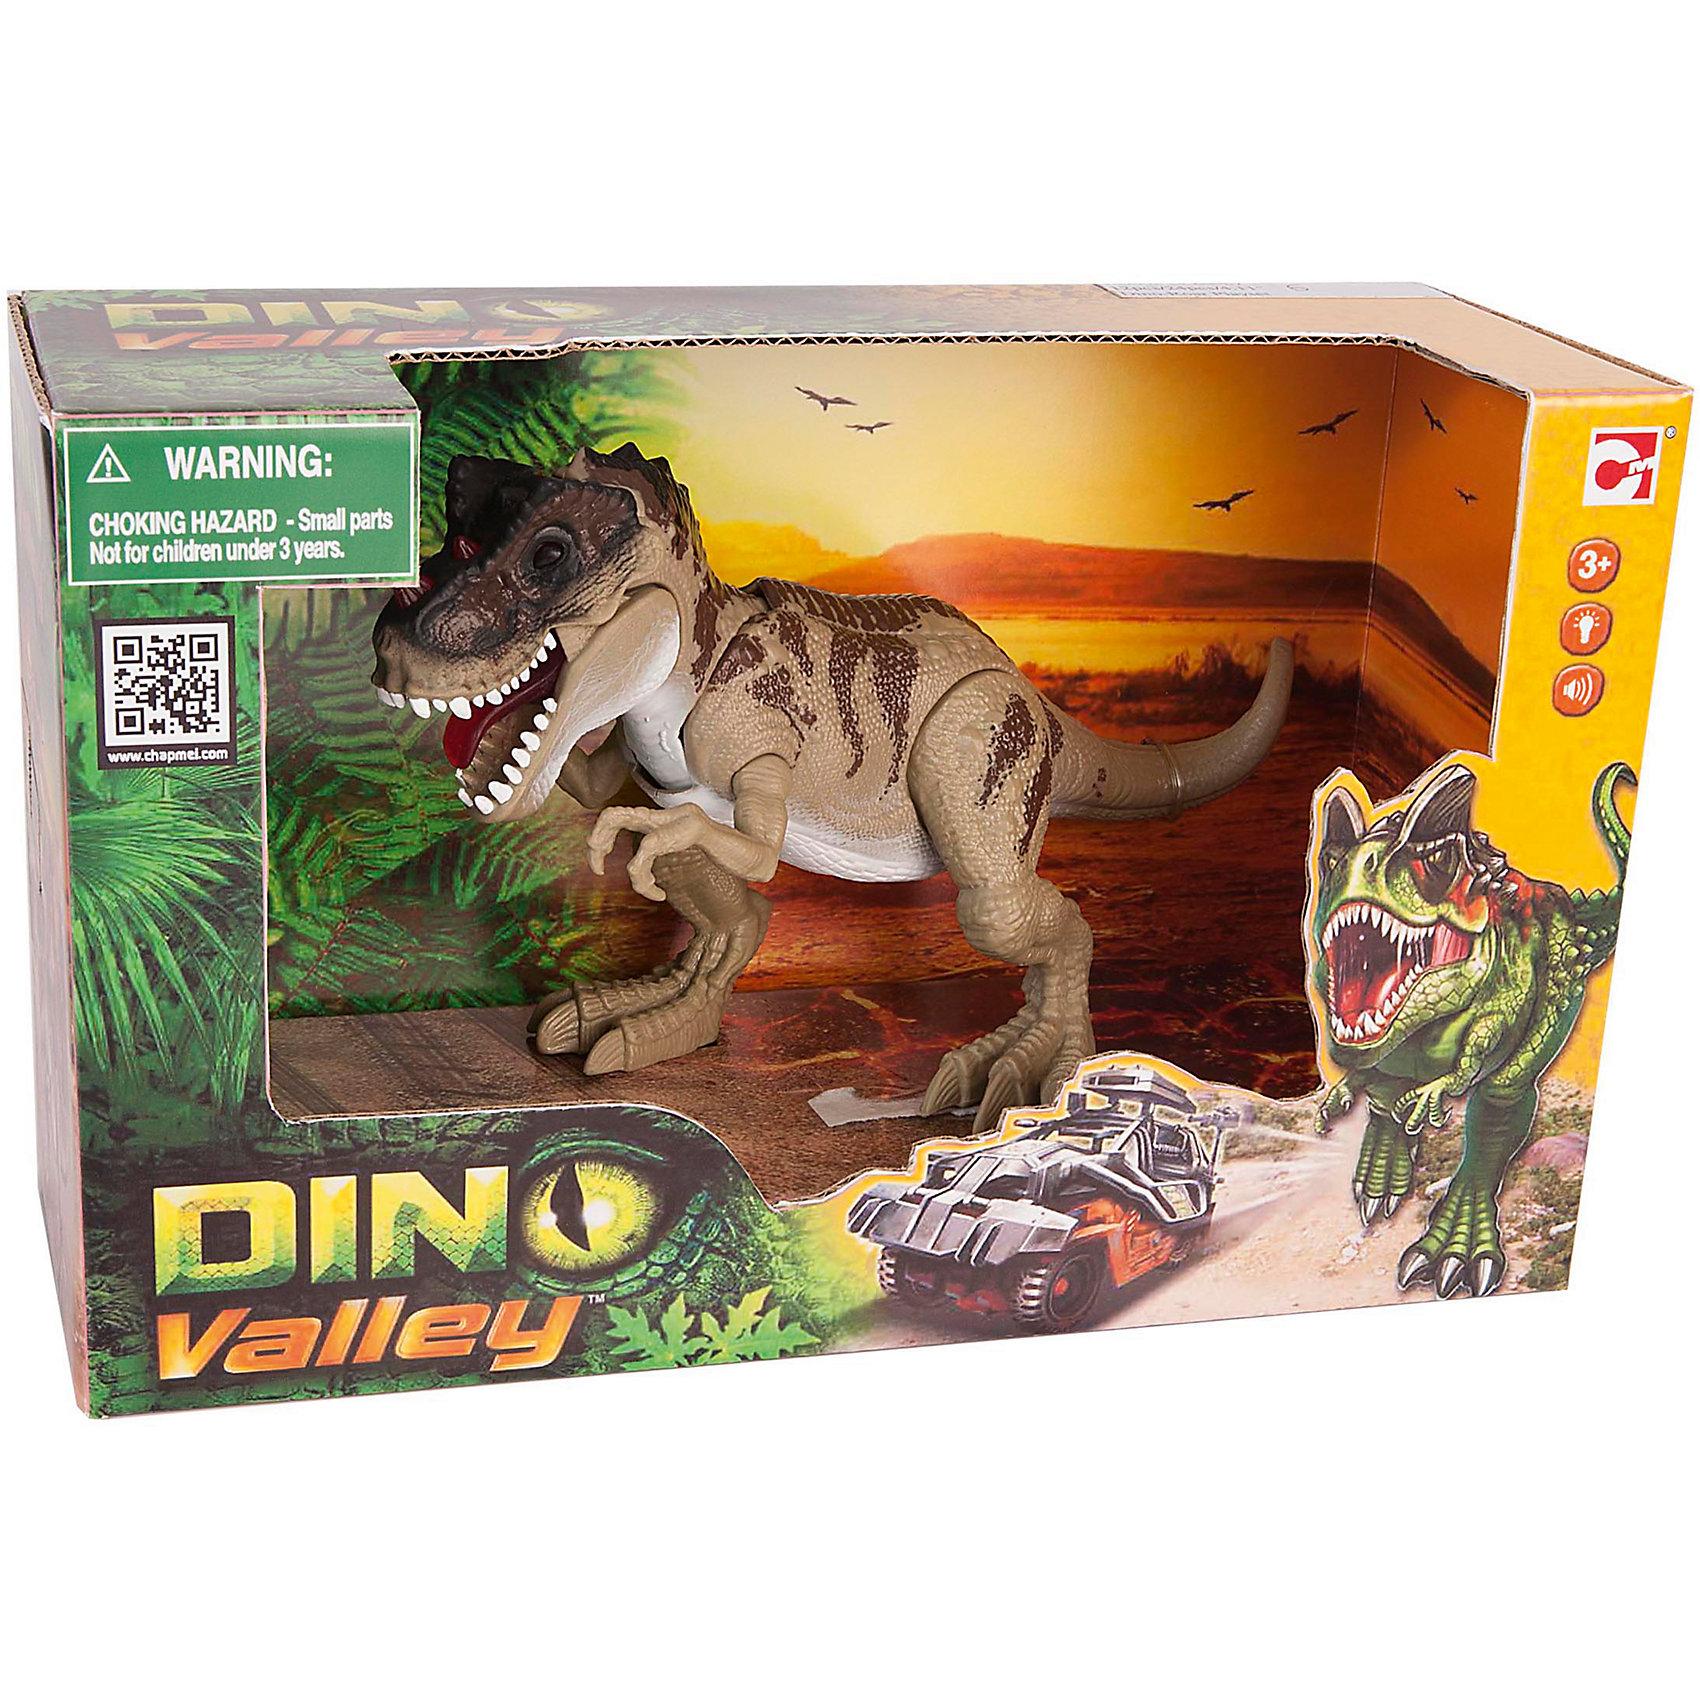 Подвижная фигура Цератозавр, Chap MeiДинозавры и драконы<br>Подвижная фигура Цератозавр, Chap Mei (Чап Мей)<br><br>Характеристики:<br><br>• реалистичные детали<br>• динозавр двигается и рычит<br>• материал: пластик<br>• батарейки: AG13 - 3 шт. (входят в комплект)<br>• размер упаковки: 30х5х20 см<br>• вес: 290 грамм<br><br>Цератозавр - хищный динозавр юрского периода. Фигурка Цератозавра от Chap Mei позволит ребенку создать самые увлекательные приключения с древним гигантом. Фигурка динозавра двигается и издает интересные звуки, напоминающие рычание.<br><br>Подвижную фигуру Цератозавр, Chap Mei (Чап Мей) вы можете купить в нашем интернет-магазине.<br><br>Ширина мм: 254<br>Глубина мм: 95<br>Высота мм: 159<br>Вес г: 606<br>Возраст от месяцев: 36<br>Возраст до месяцев: 2147483647<br>Пол: Унисекс<br>Возраст: Детский<br>SKU: 5503285